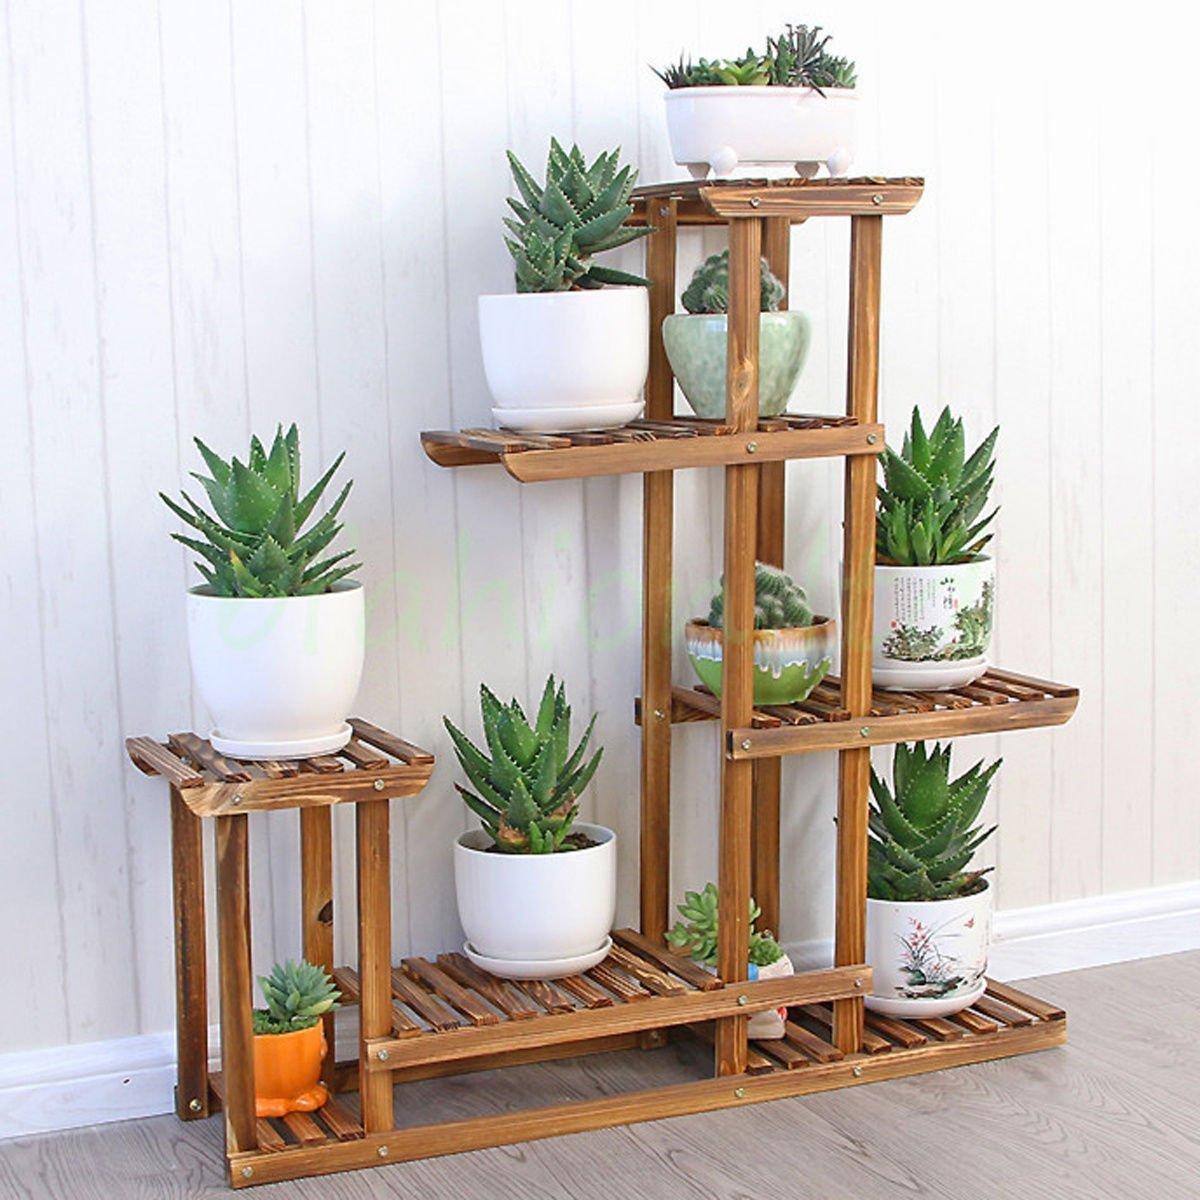 Estanteria Para Plantas Soporte De Plantas Bastidor Para Macetas - Estanteria-para-plantas